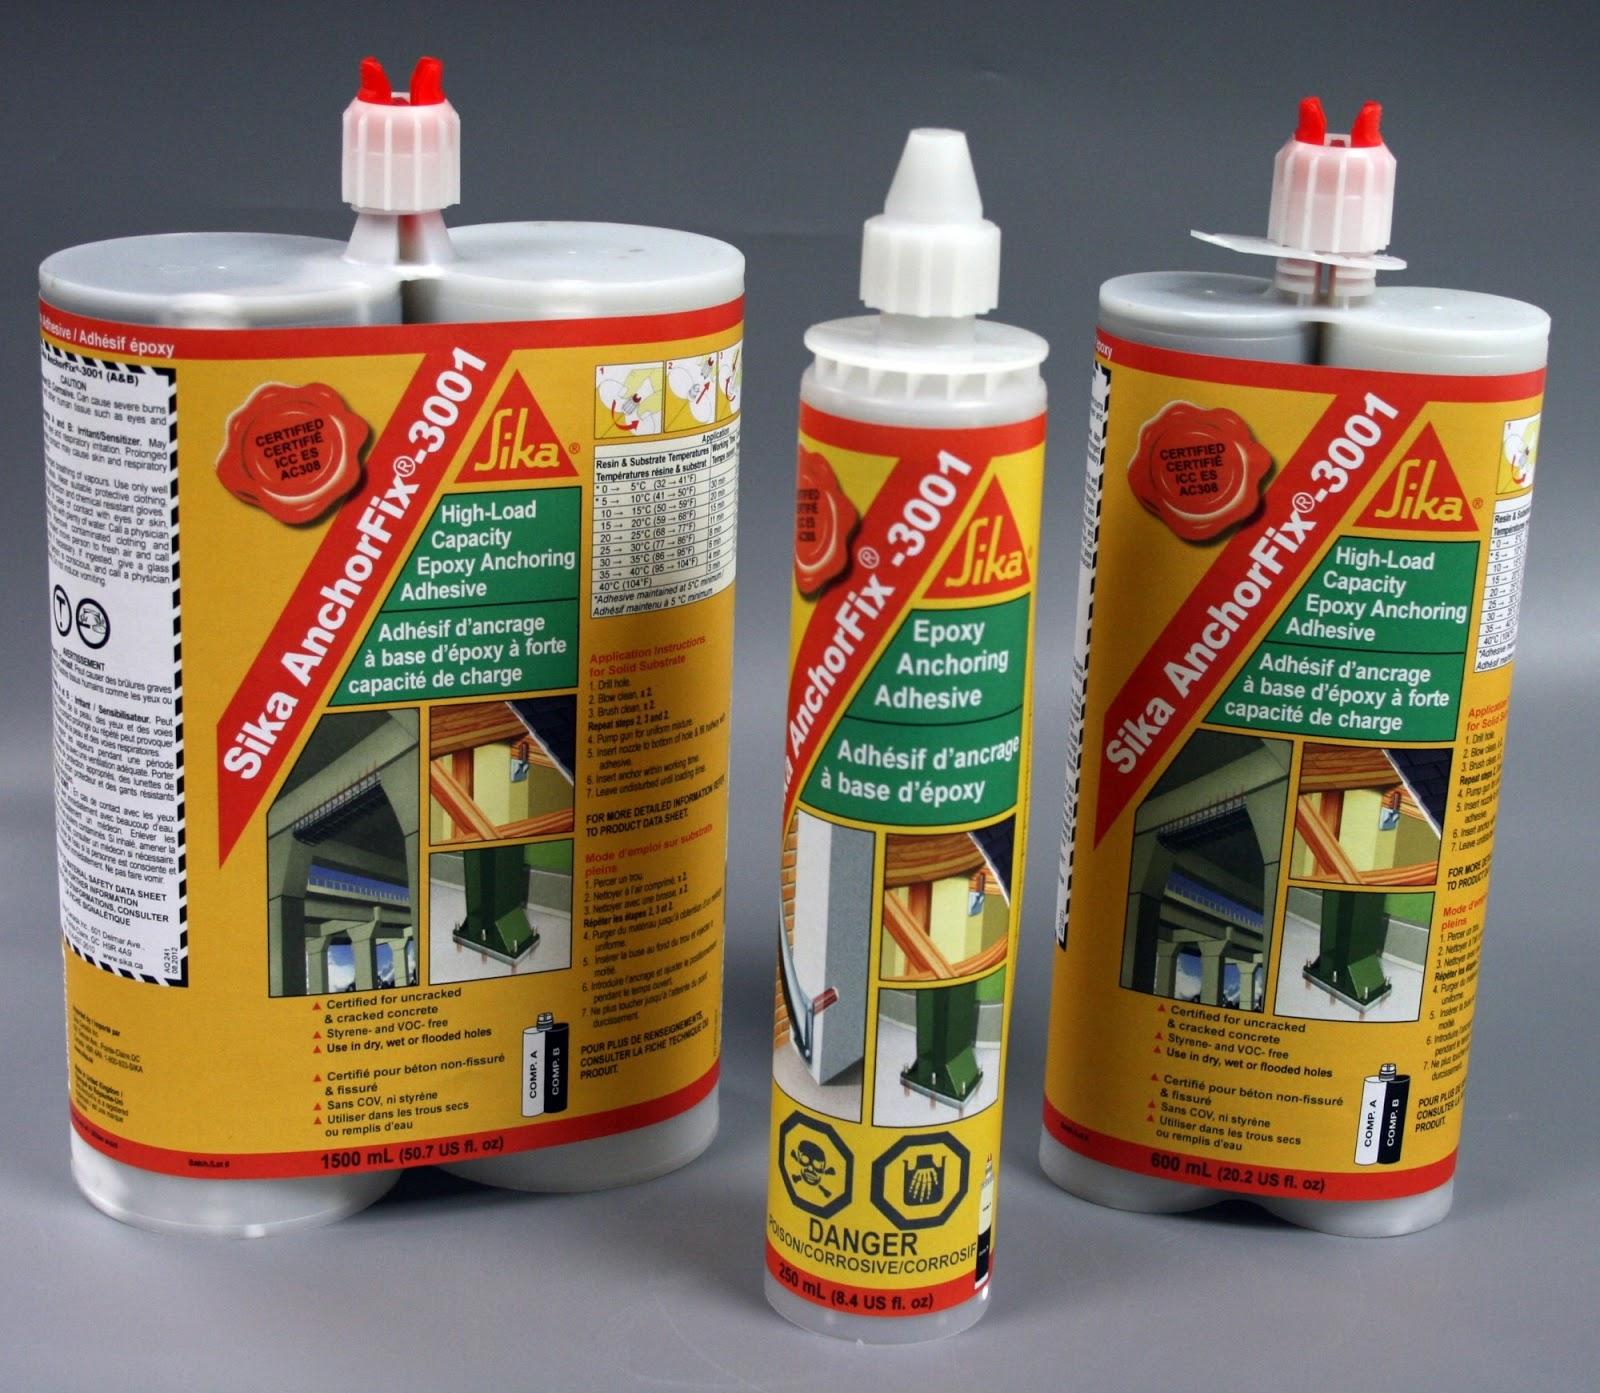 Keo cấy thép Sika Anchorfix 3001 - sản phẩm nổi trội mang thương hiệu Sika